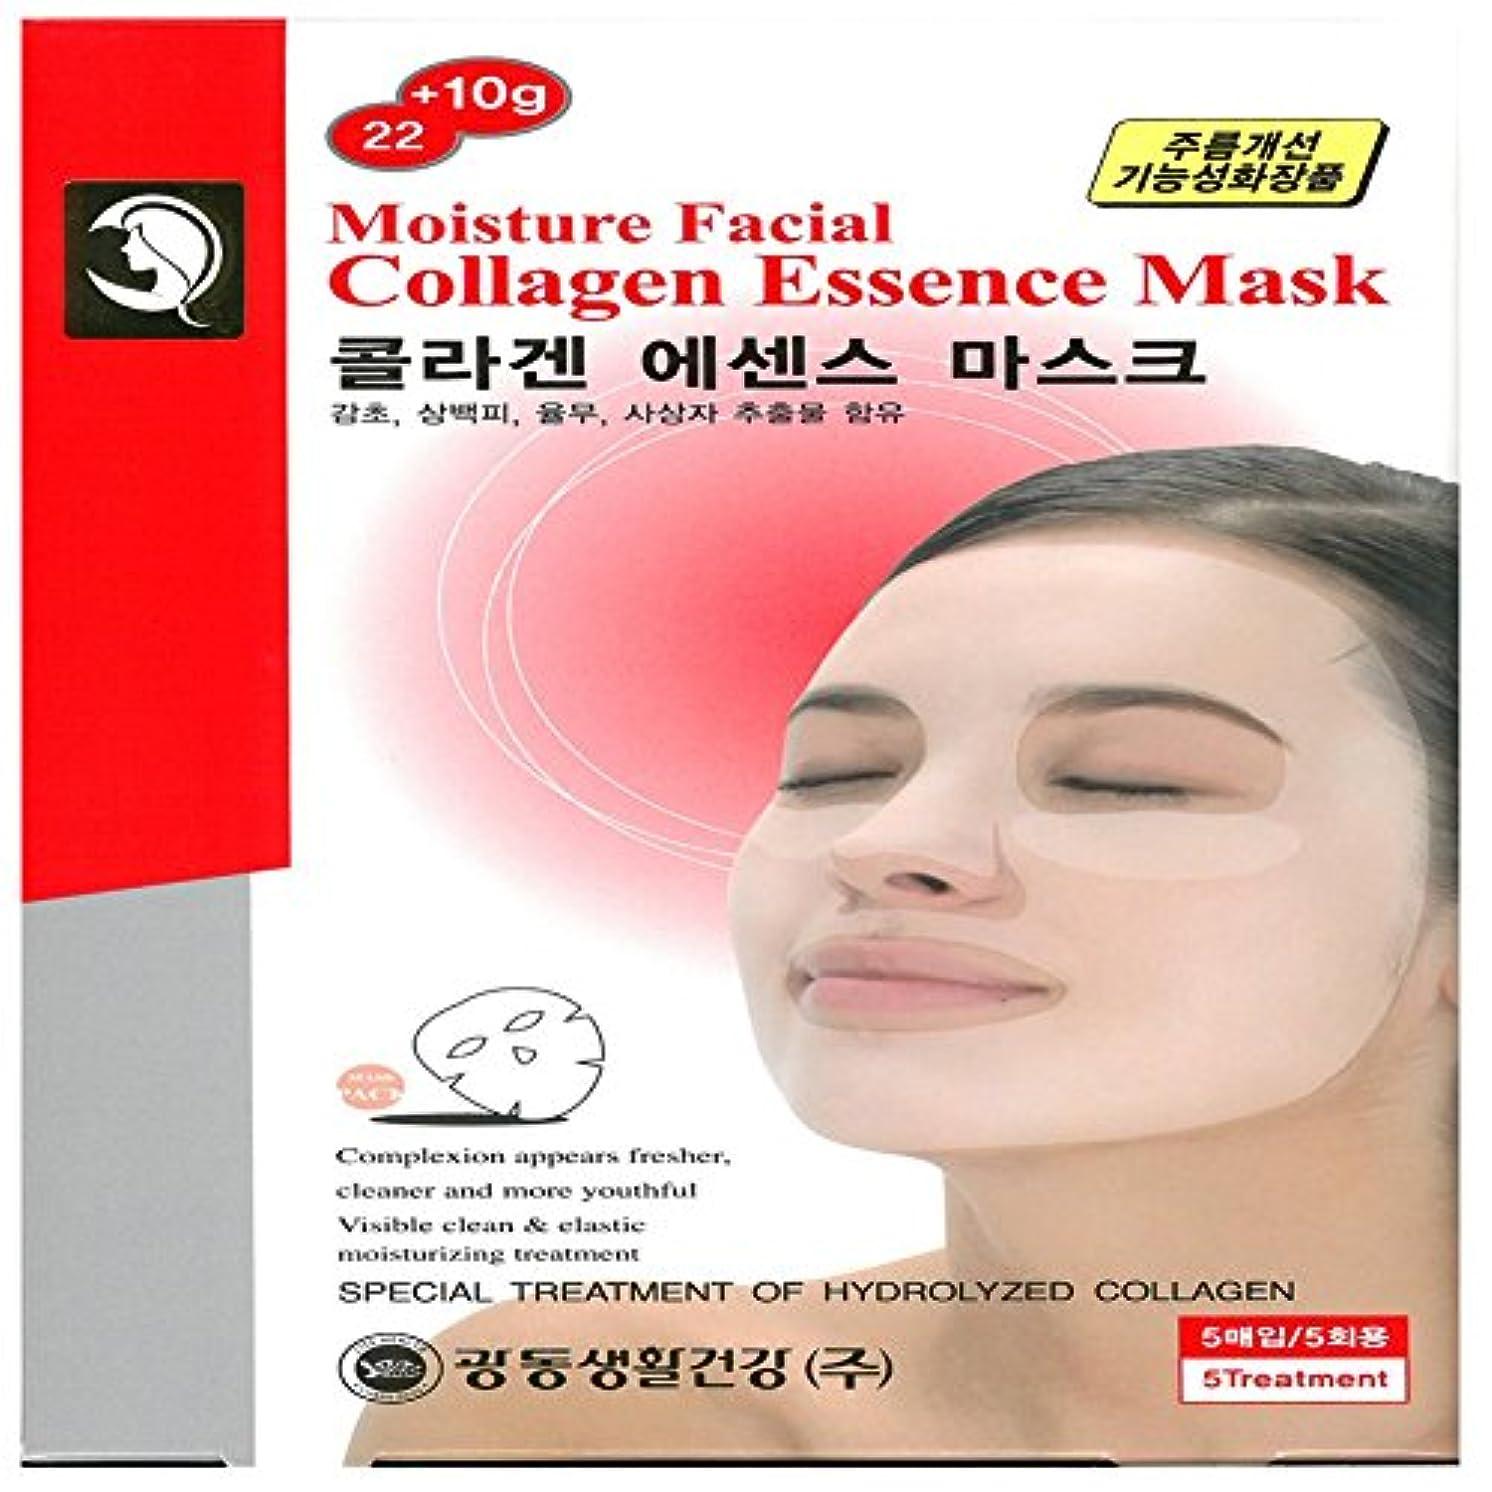 開業医船上豚肉[光東] kwangdong モイスチャーフェイシャルコラーゲンエッセンスマスク Moisture Facial Collagen Essence Mask 32gX5ea (海外直送品) [並行輸入品]